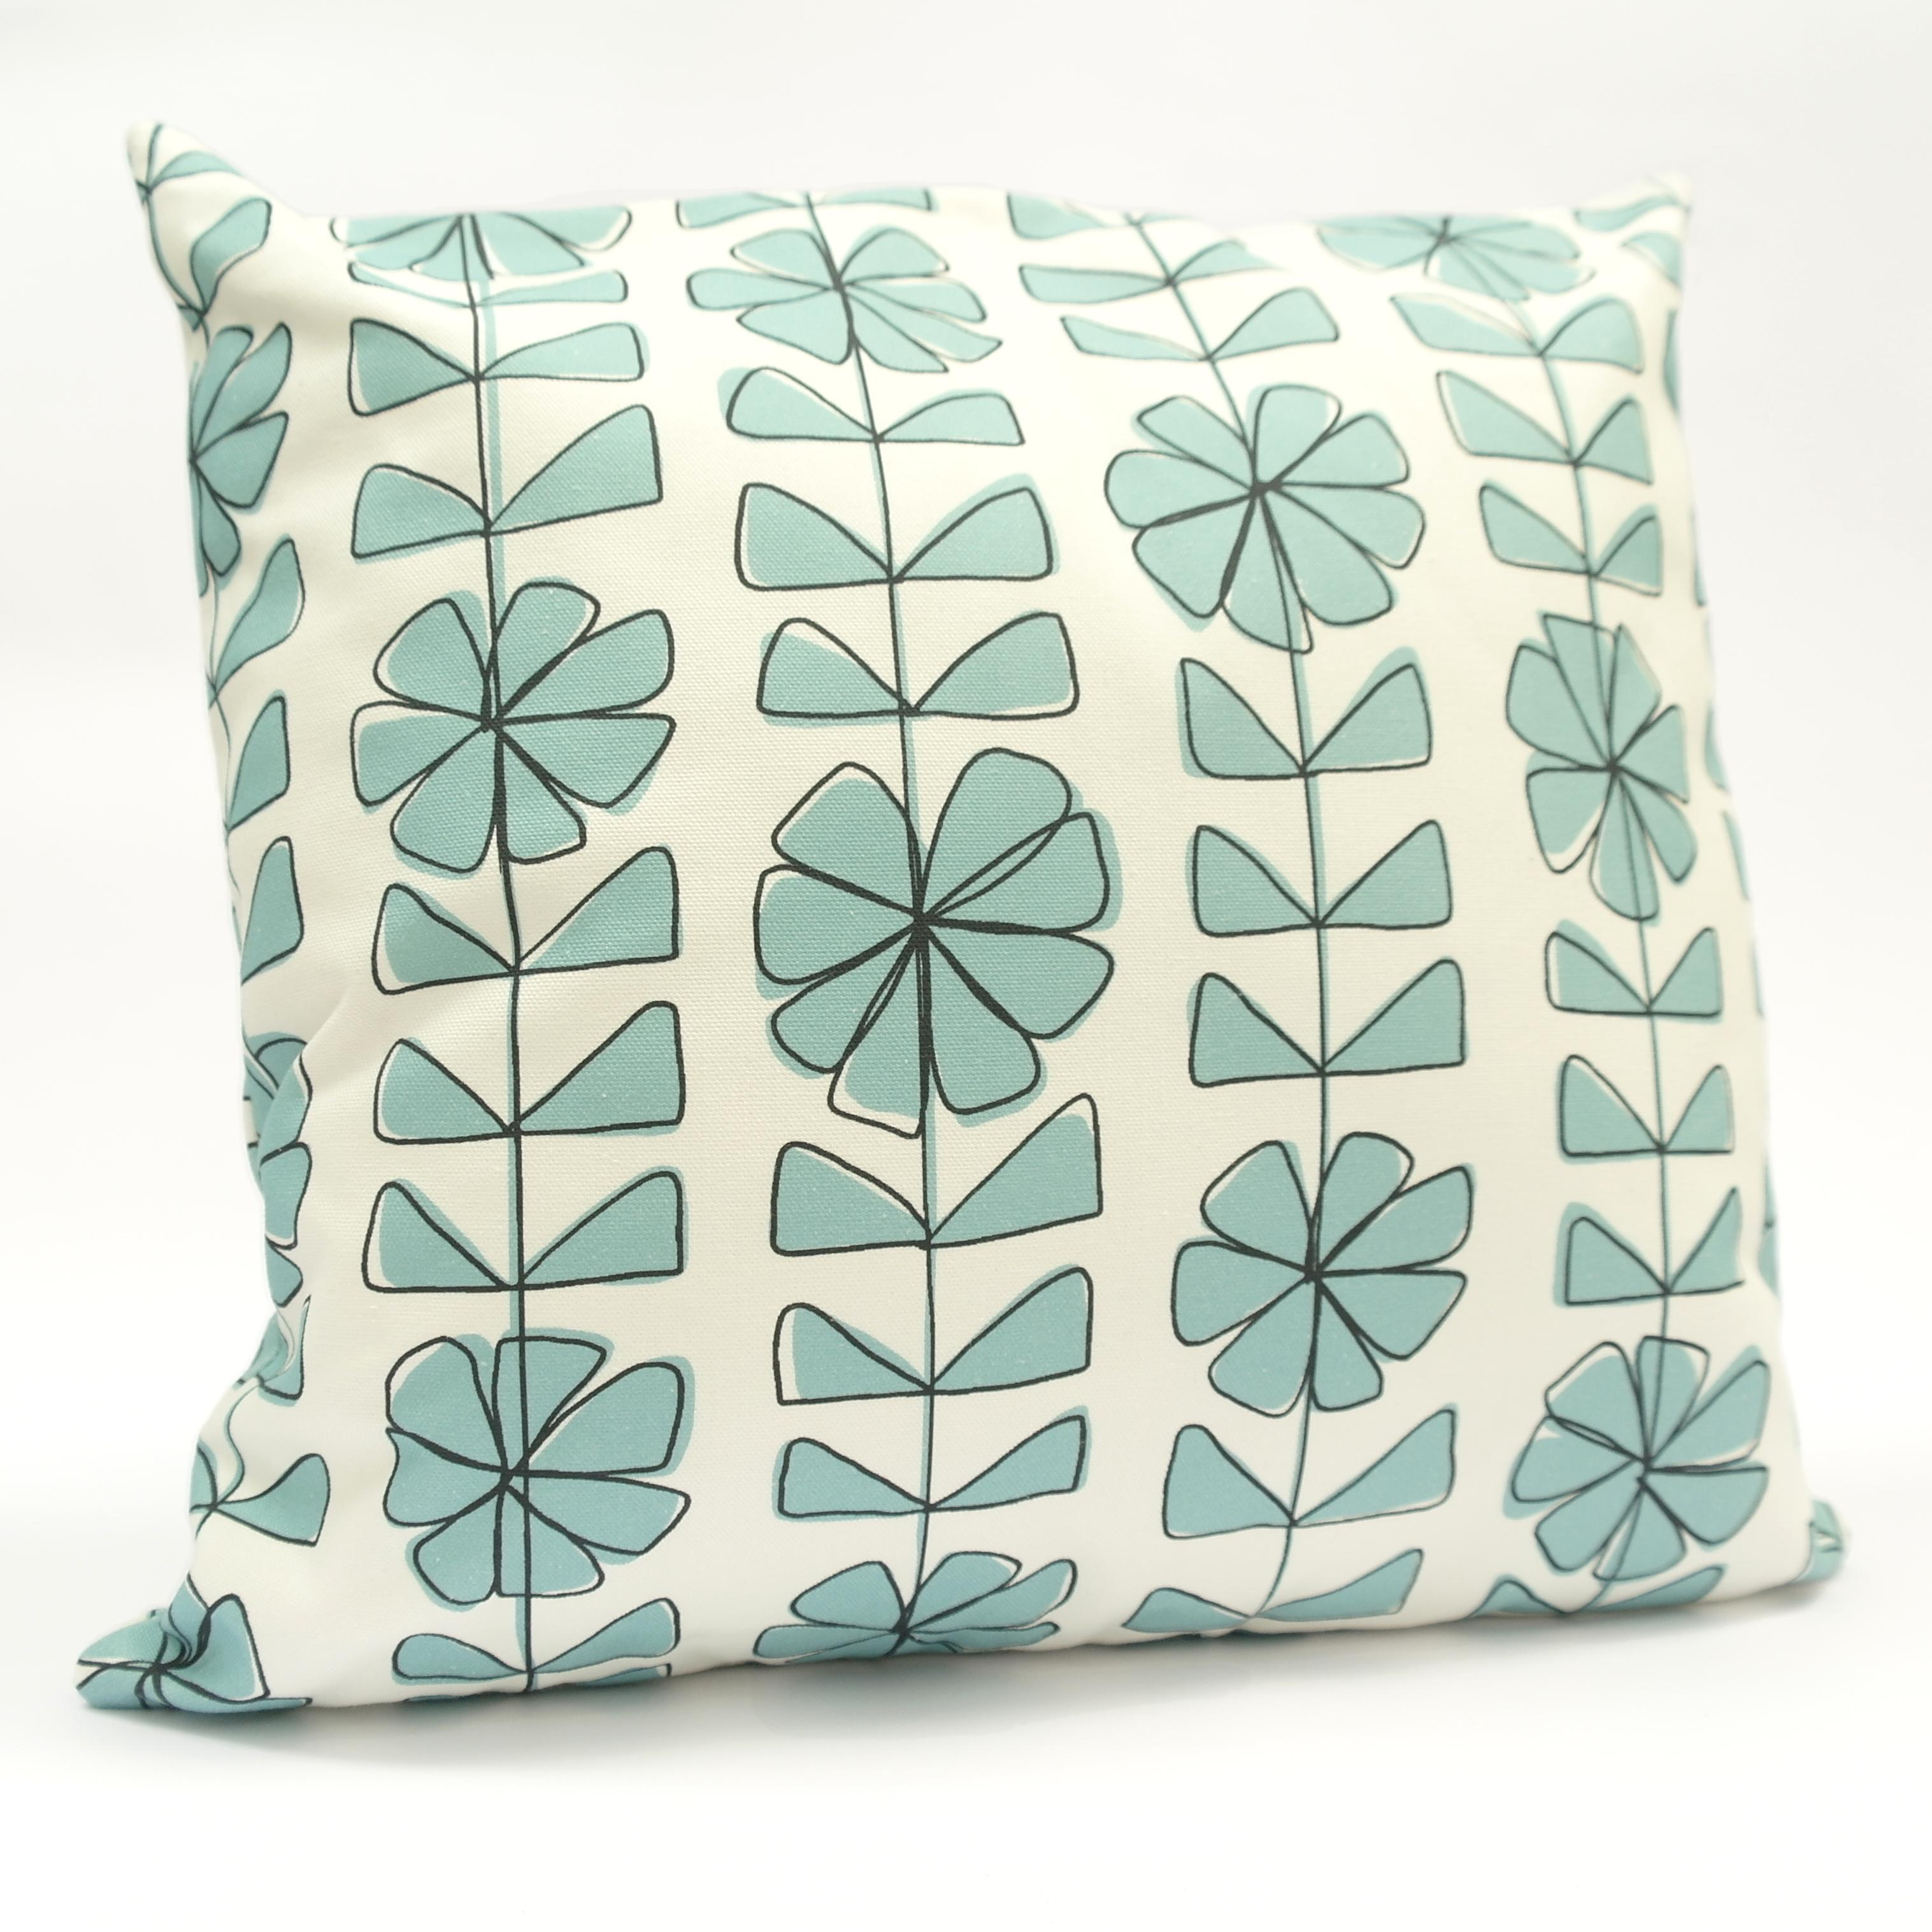 Floral Linear Cushion